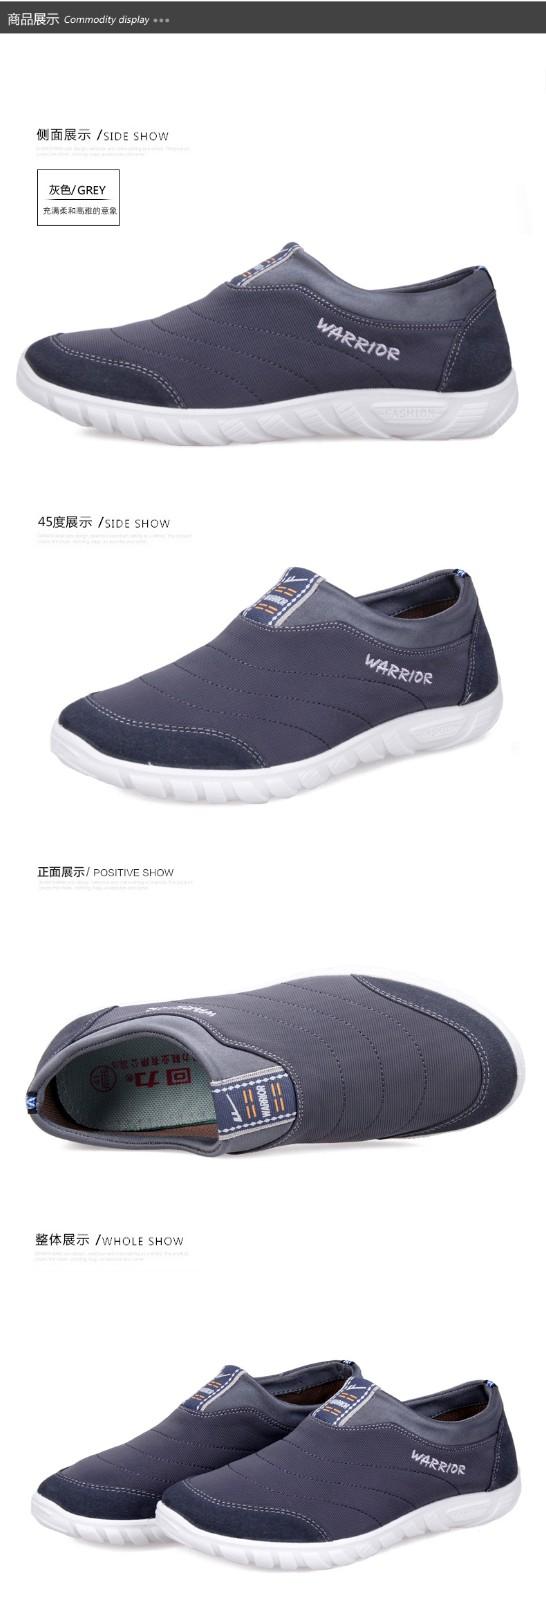 回力男鞋帆布鞋子一脚蹬懒人鞋男士潮流韩版布鞋透气鞋图片十二